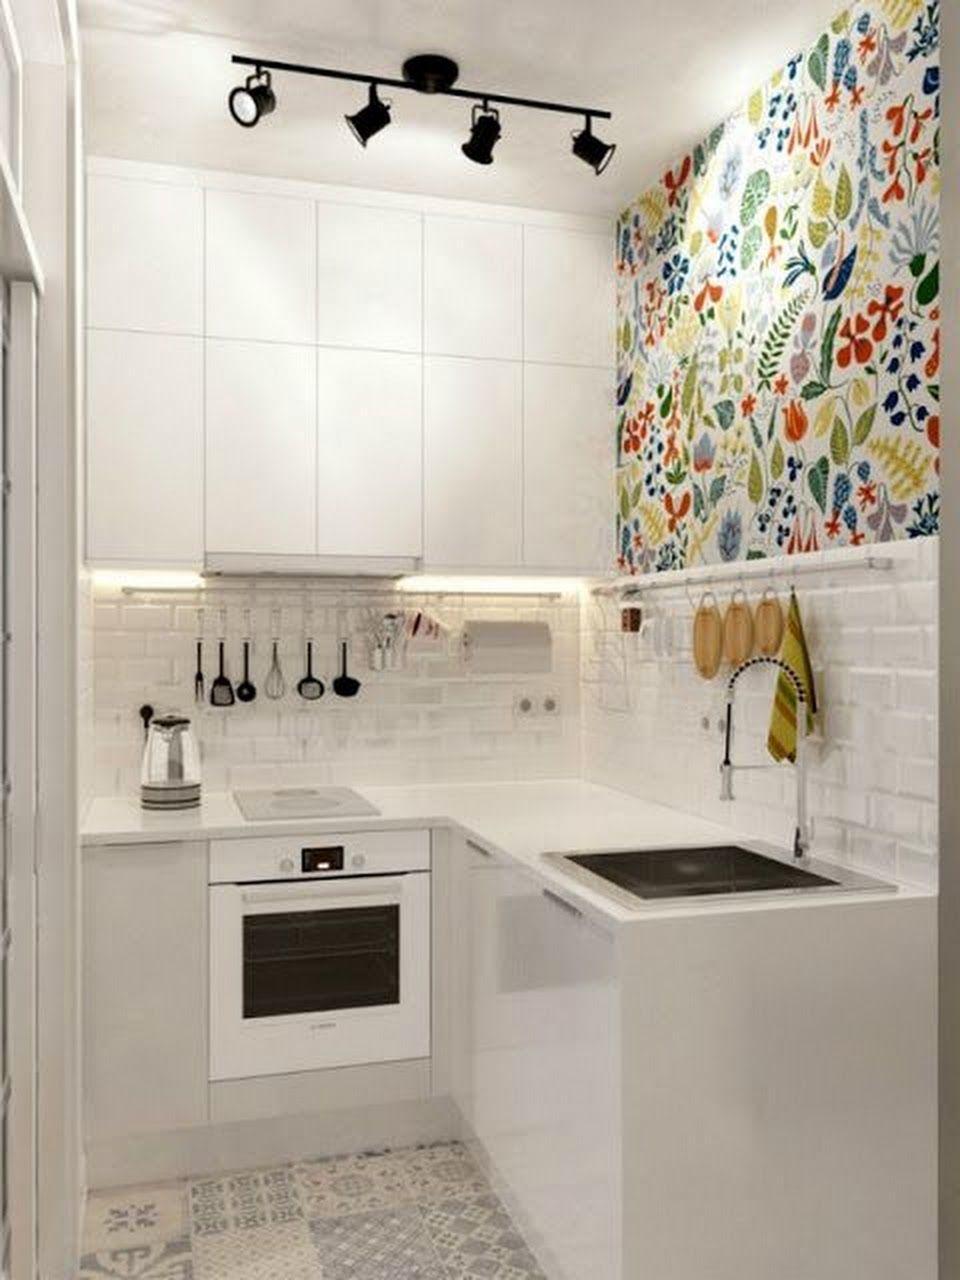 Ideas Para Cocinas Pequenas Para Un Mini Apartamento O Estudio Decorar Cocinas Pequenas Cocinas Pequenas Y Bonitas Decoracion De Cocina